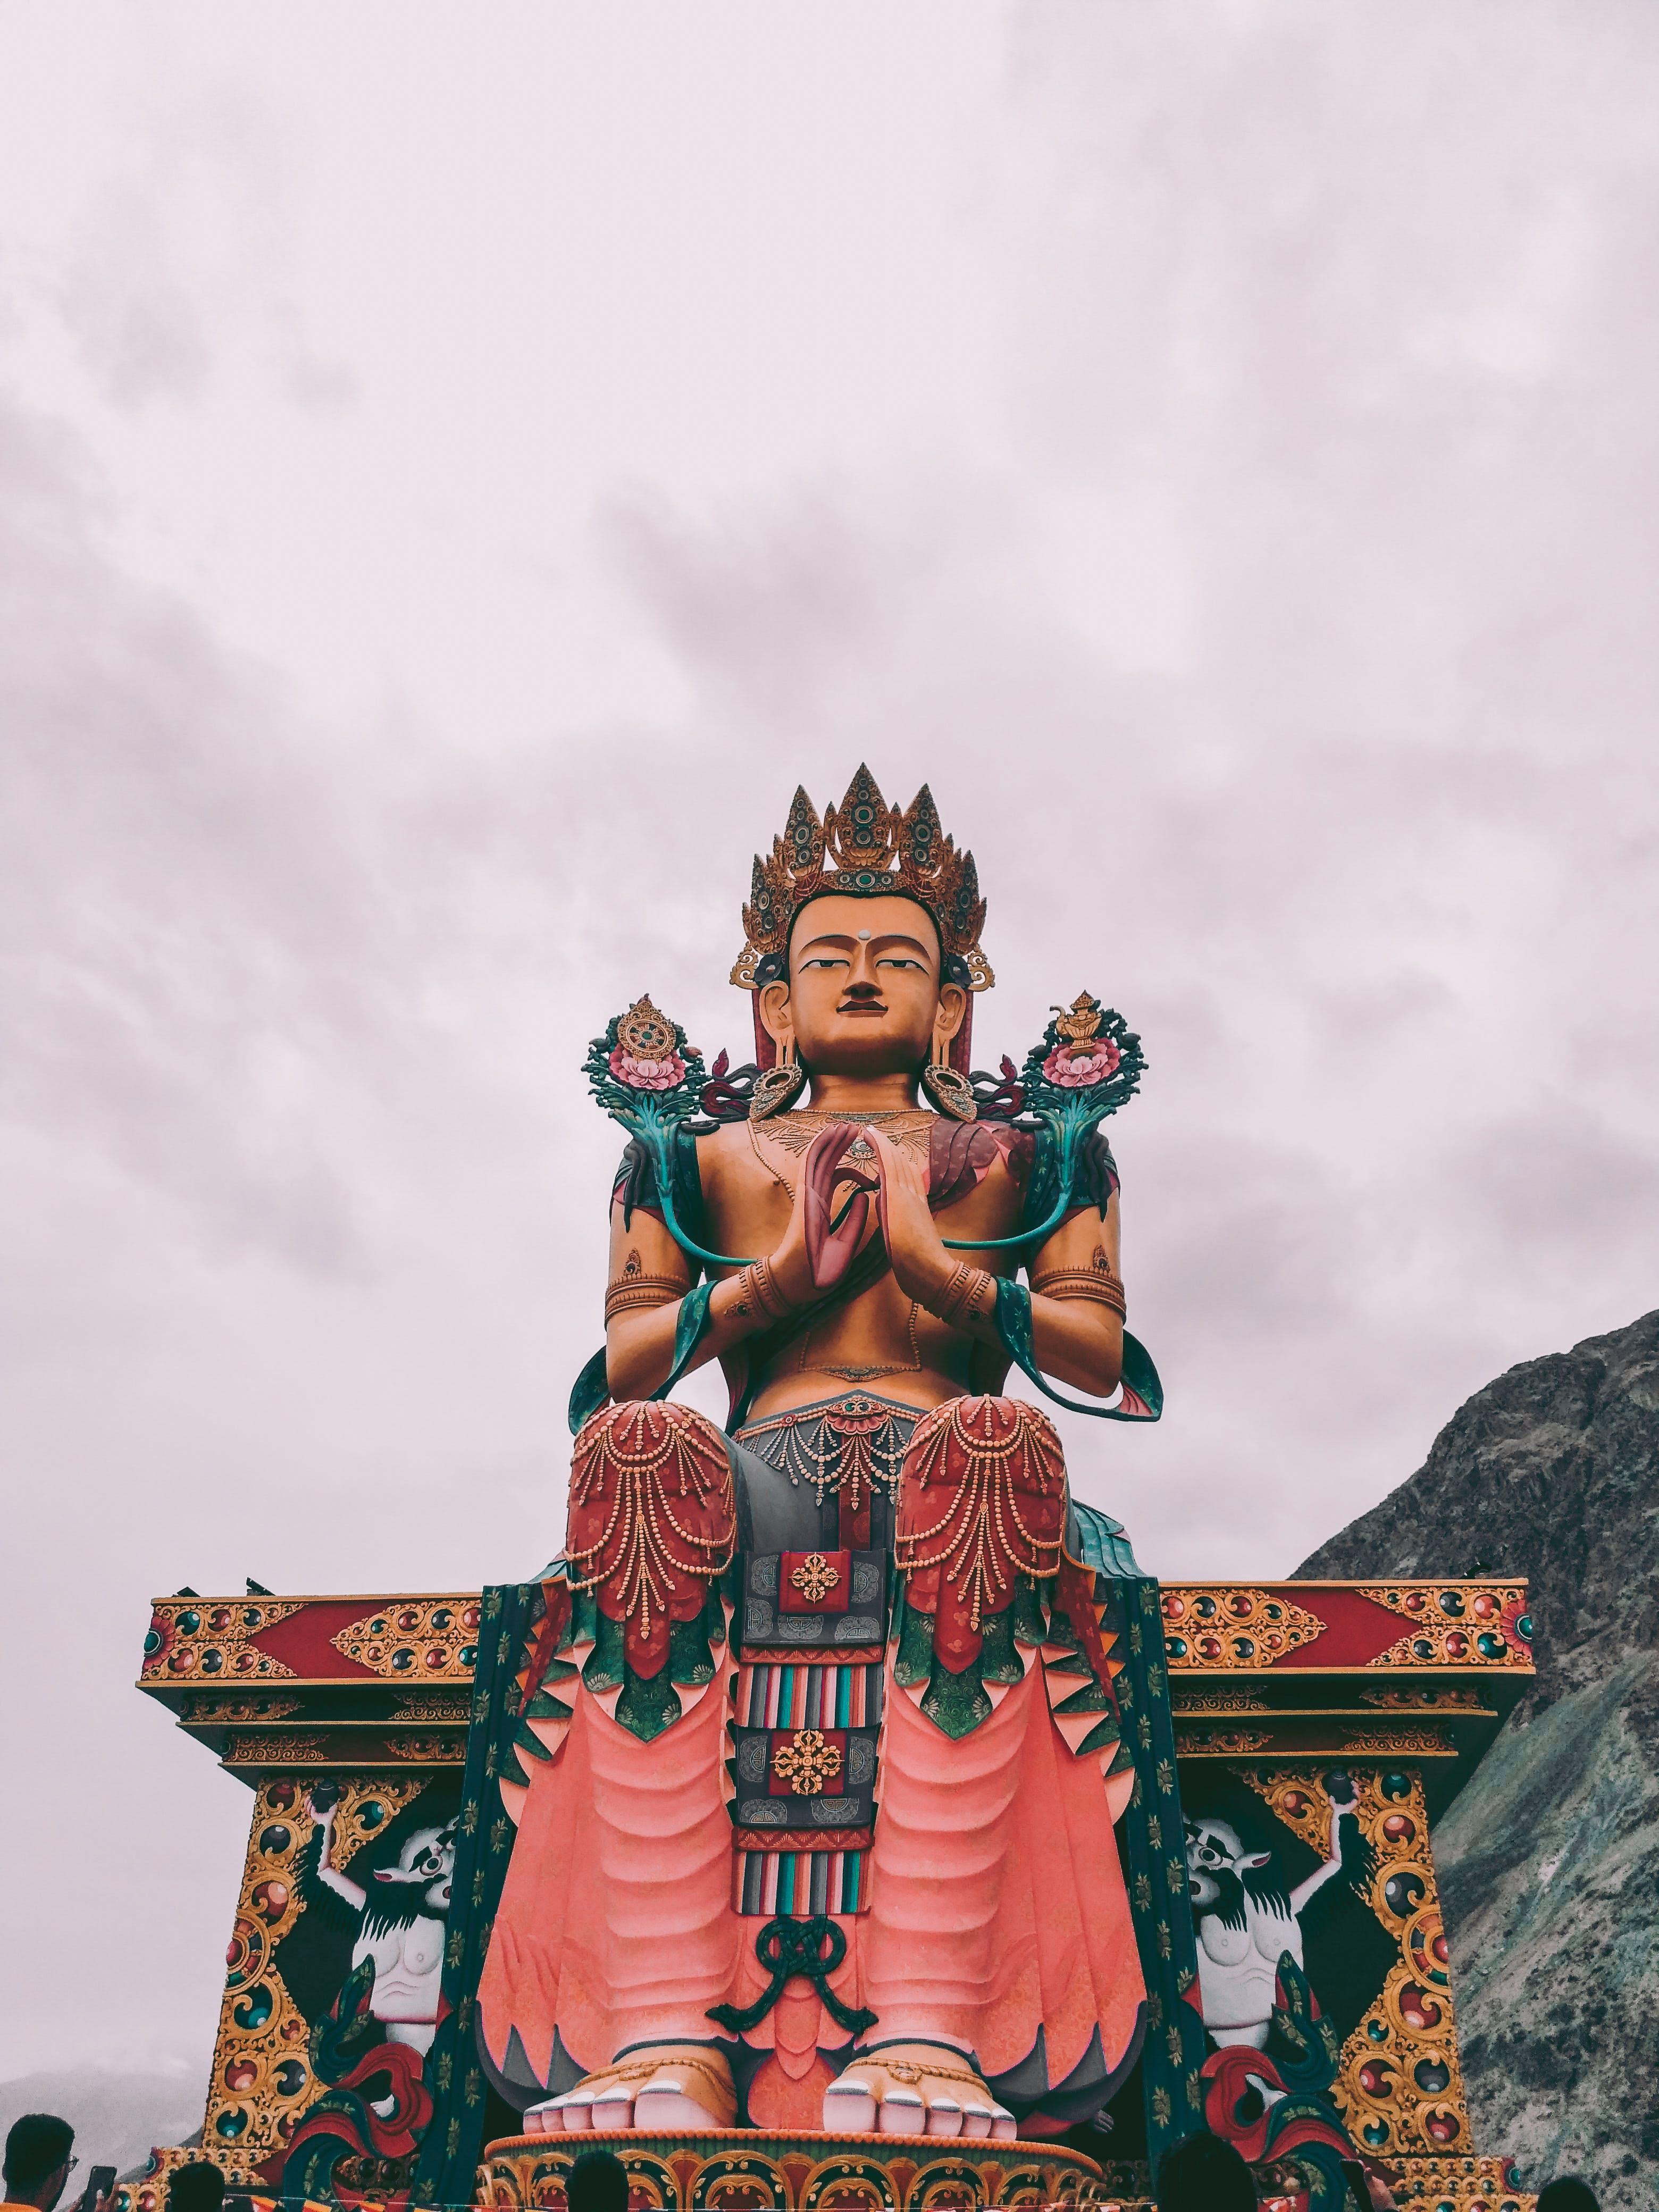 上帝, 人, 佛教, 傳統 的 免費圖庫相片